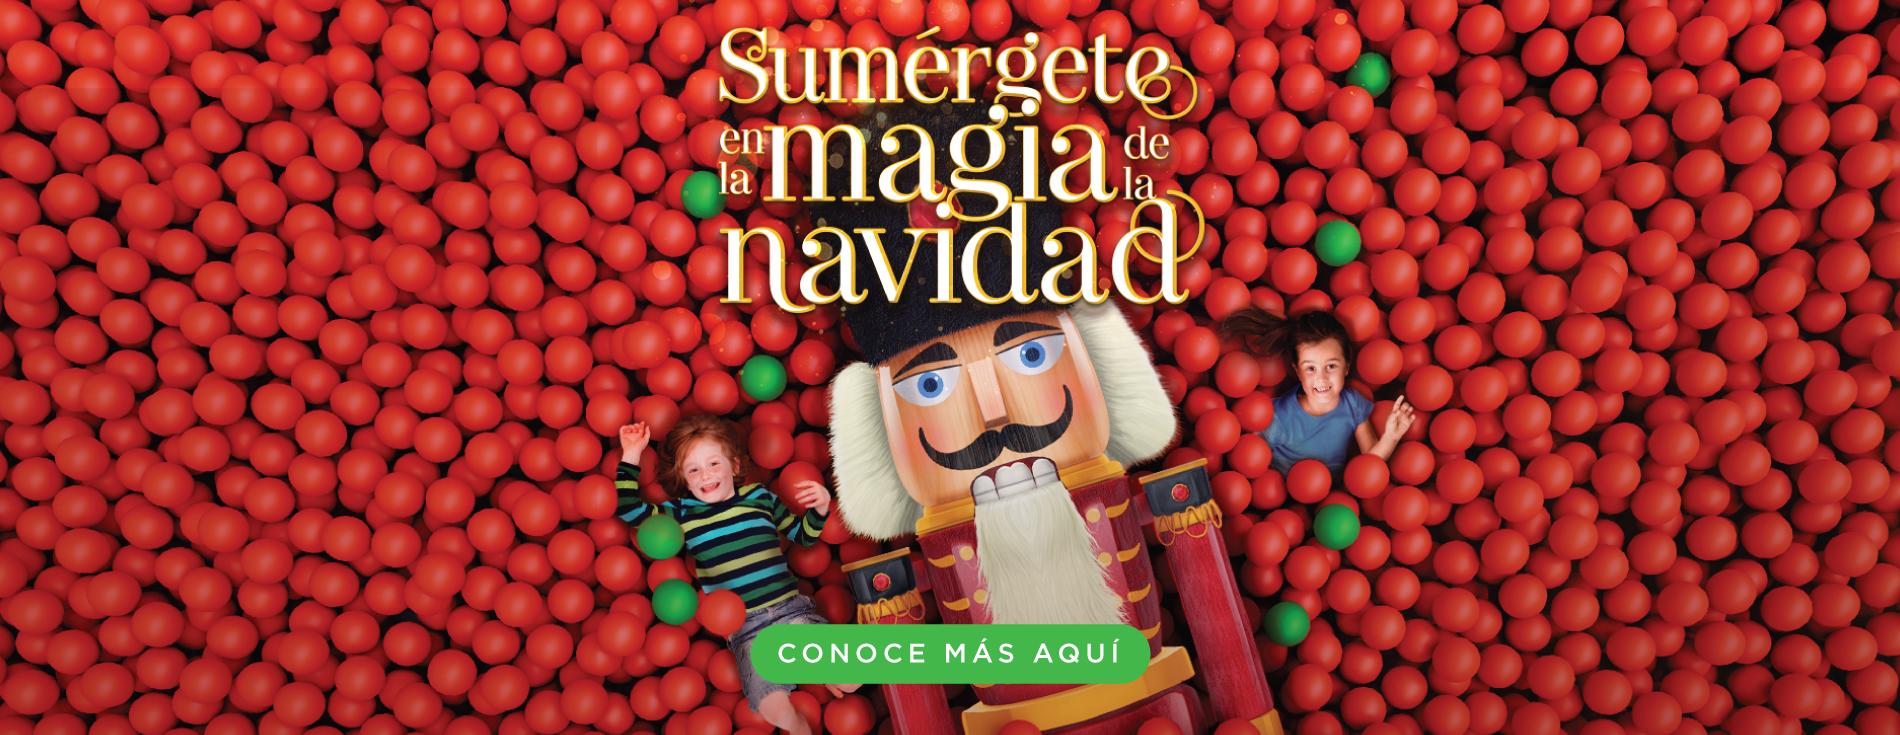 Cascanueces de navidad -La Ceja